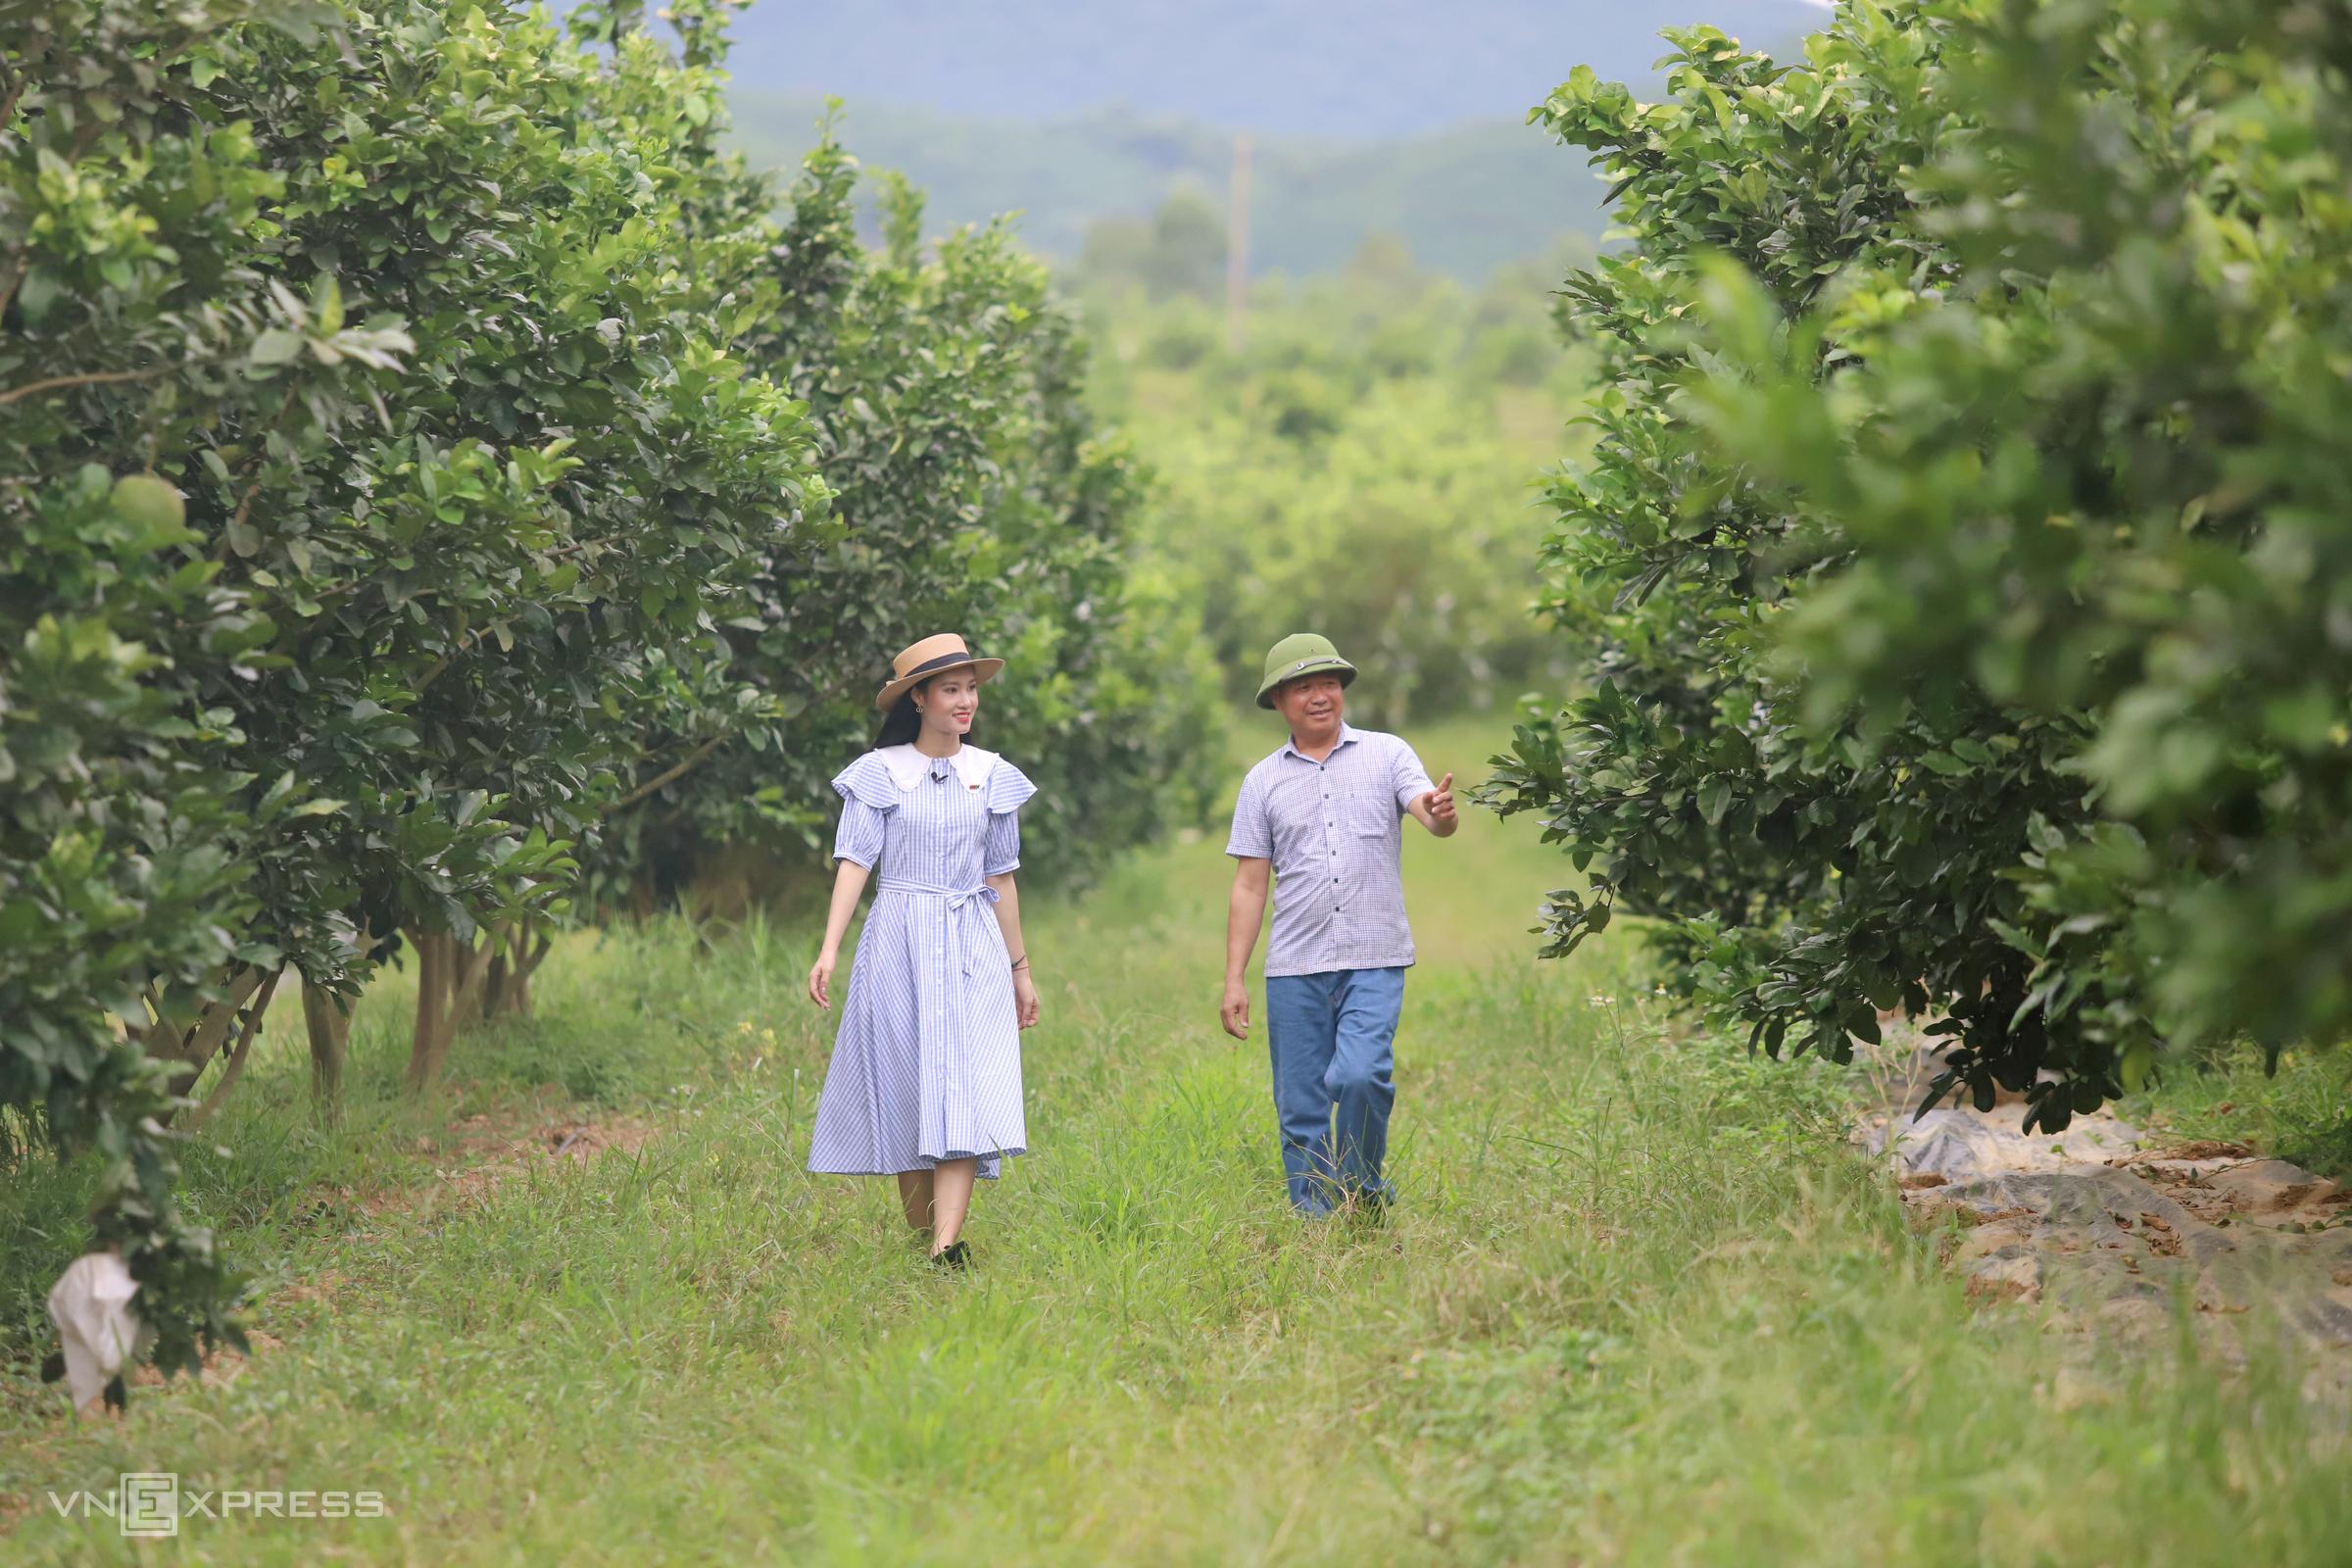 Ha Tinh farm offers agritourism